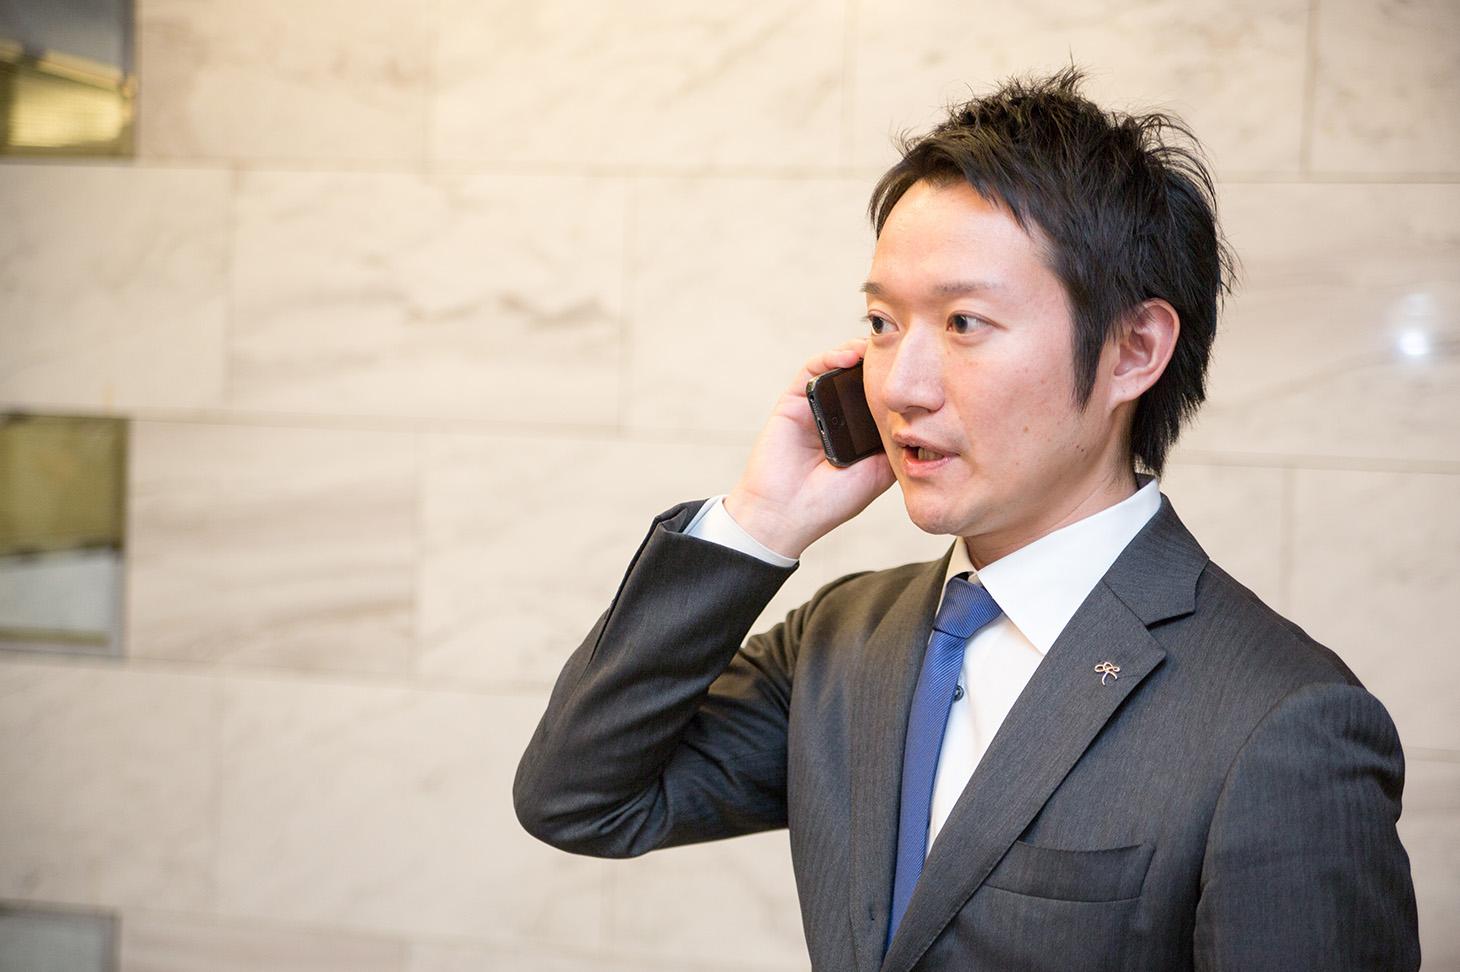 株式会社きちり本部 - 伊藤氏電話シーン